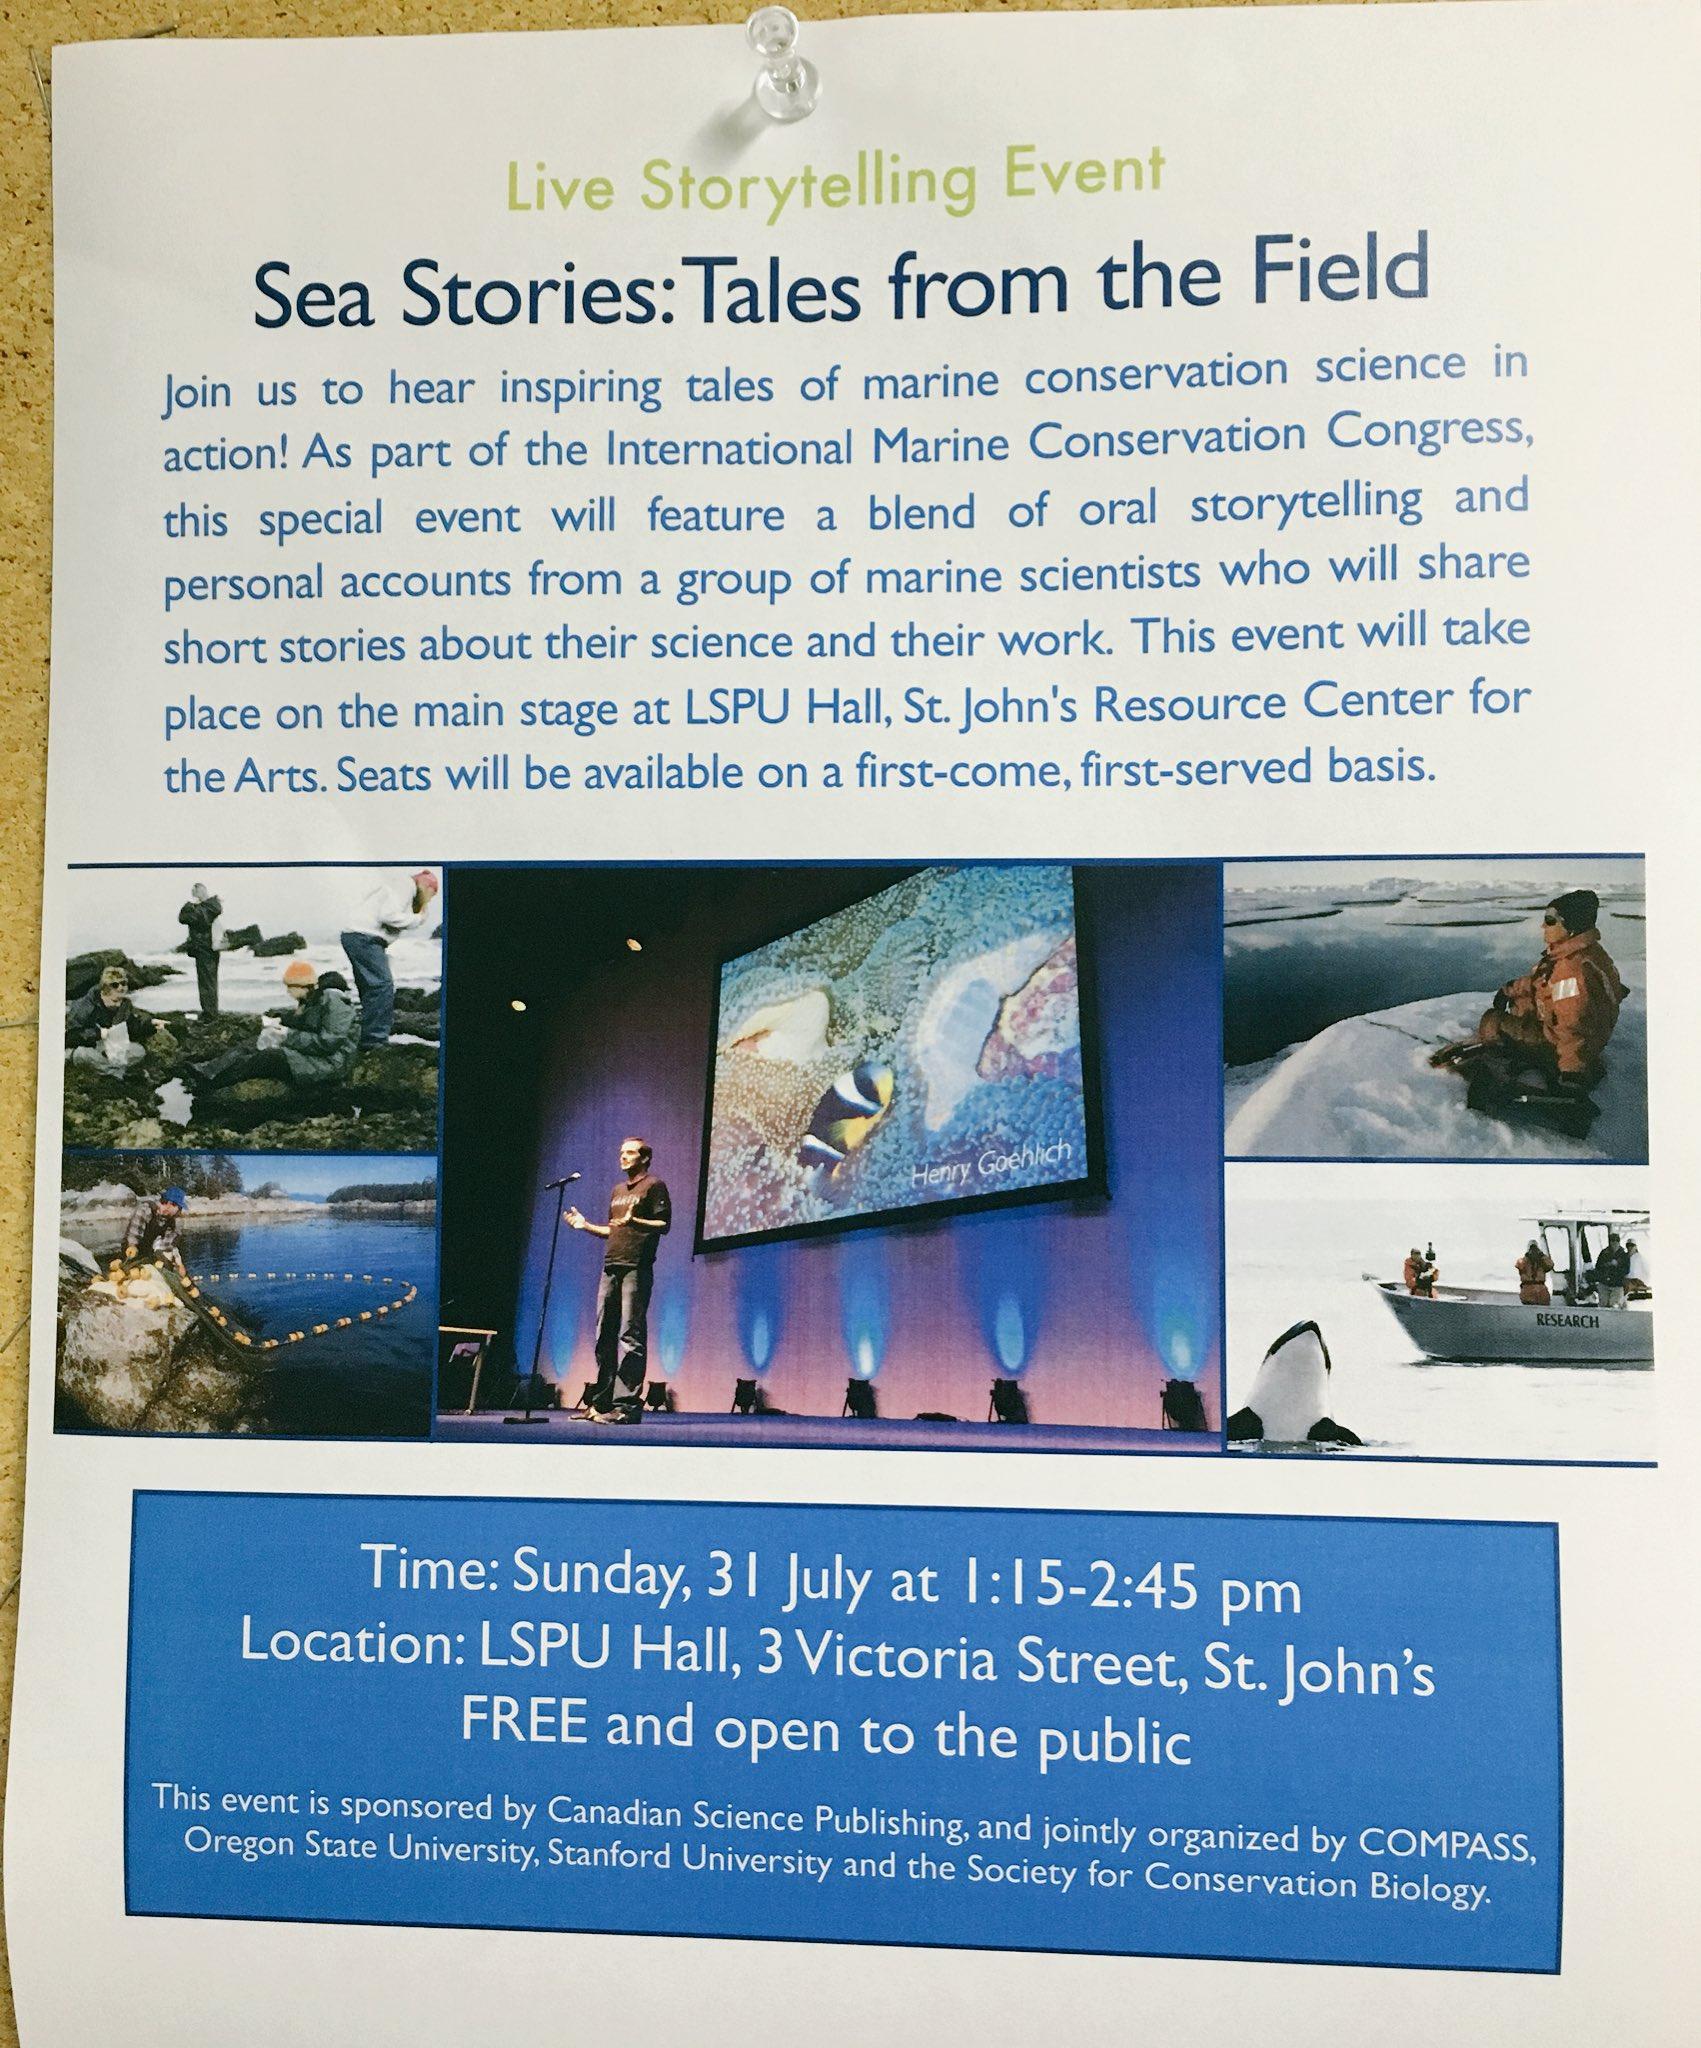 Like oceans, science, & storytelling? Join us July 31 in St John's!  #IMCC4 #IMCCstories #yytevents #nfld https://t.co/z4Fi8frLqx